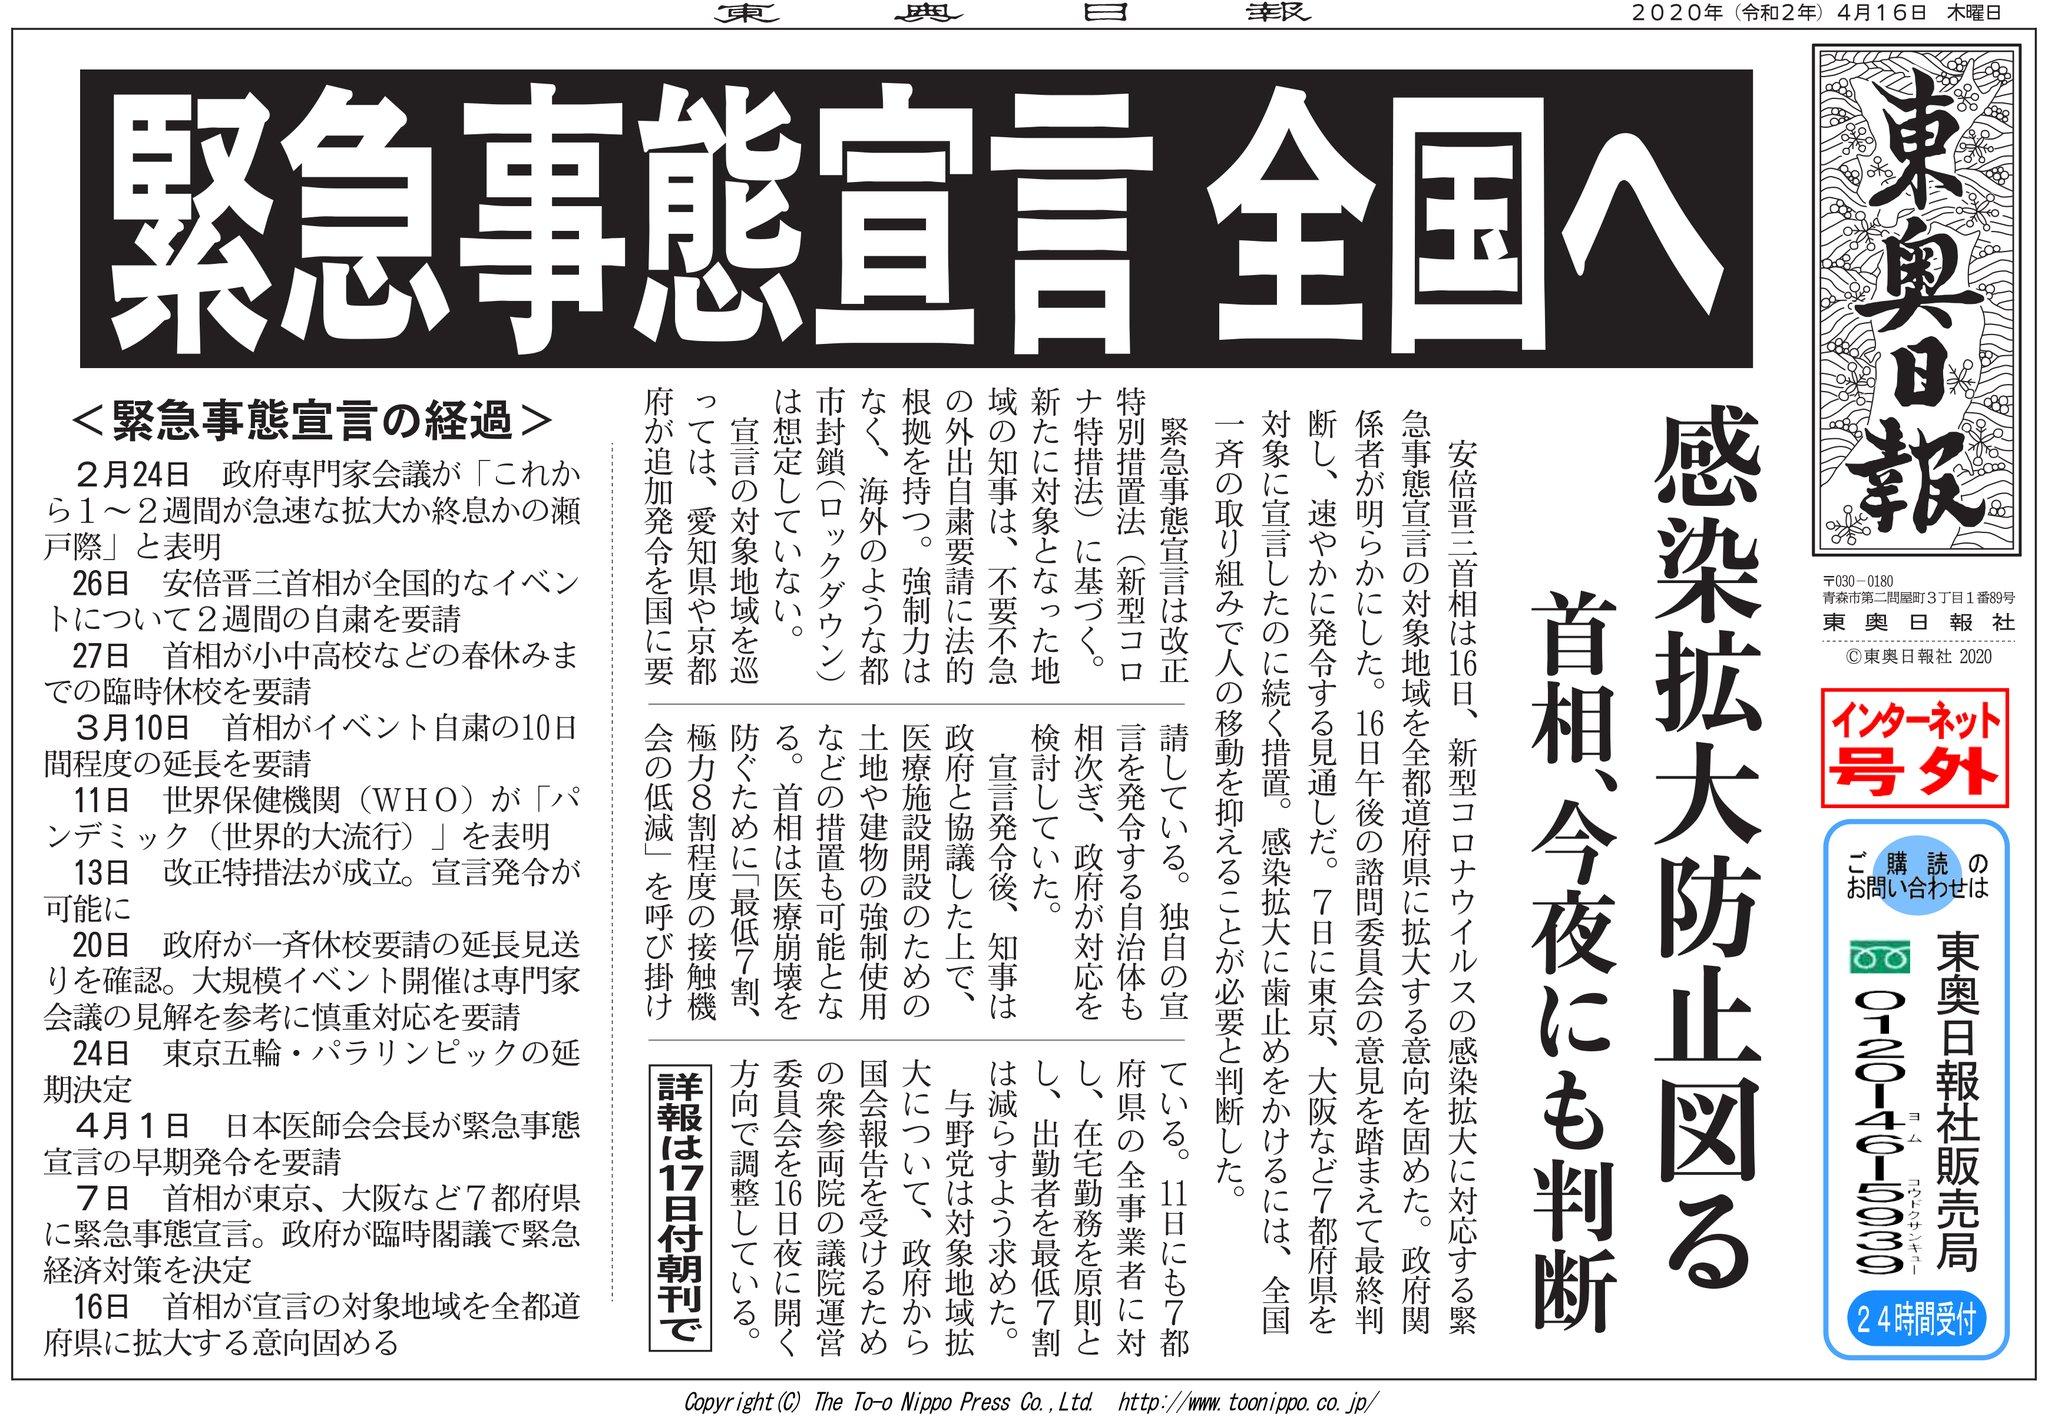 コロナ 東奥 日報 ニュース